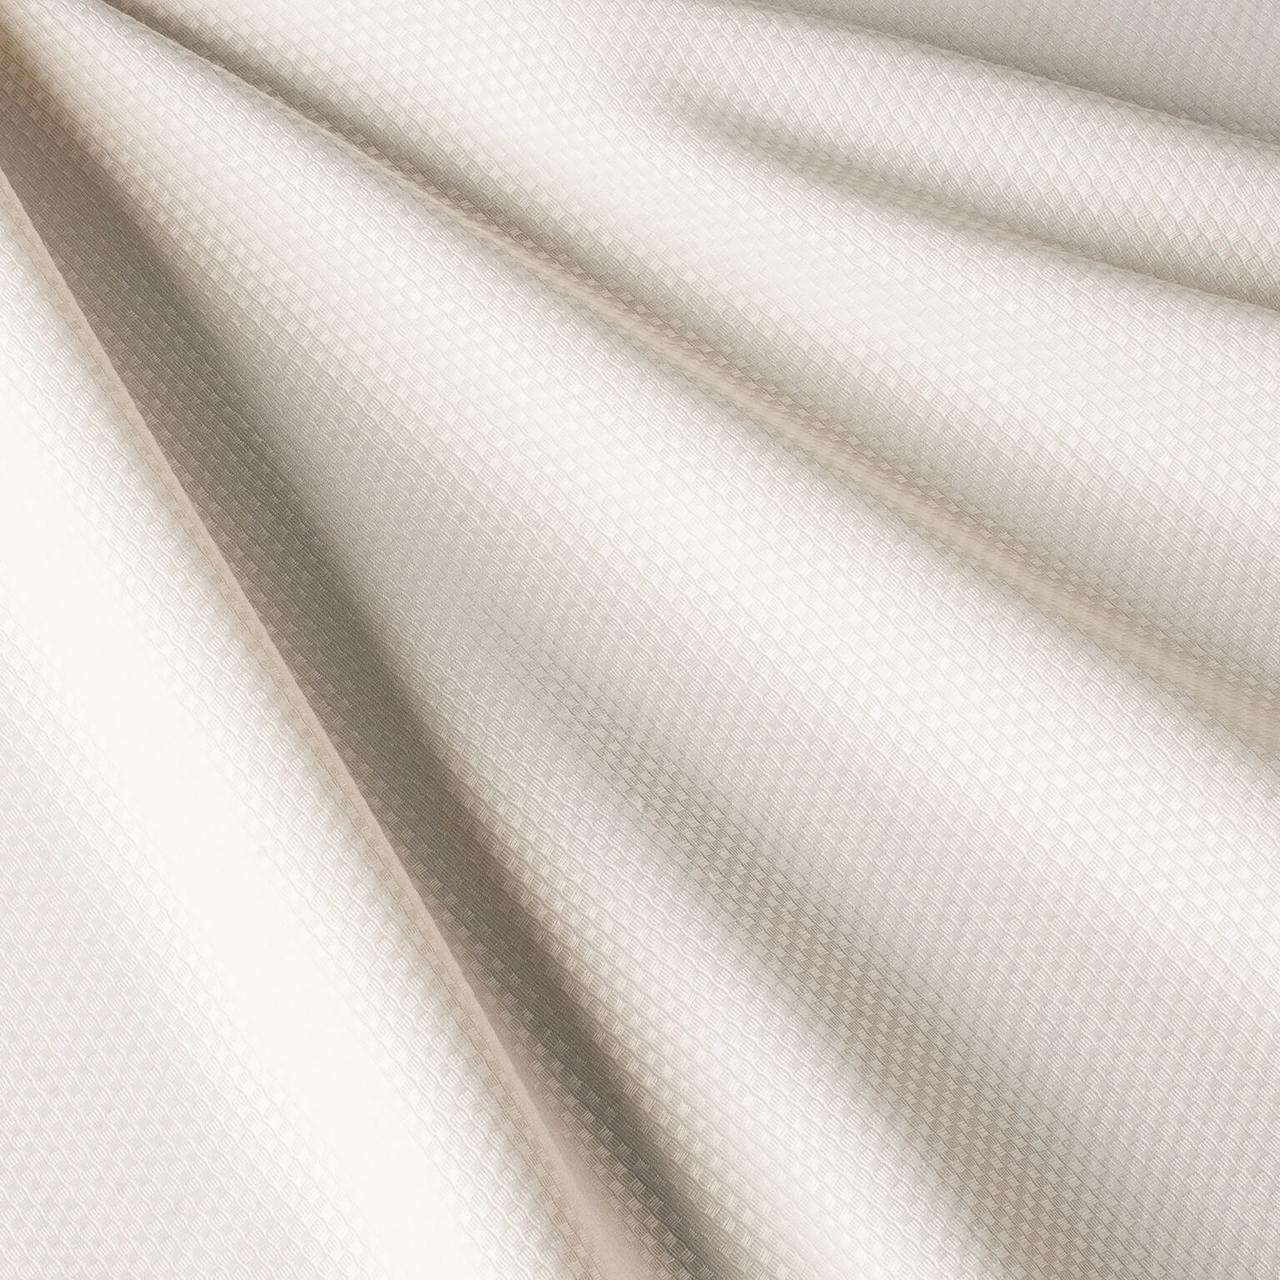 Ткань для скатертей и салфеток плетенная клетка кремовая (ресторан) 81547v8